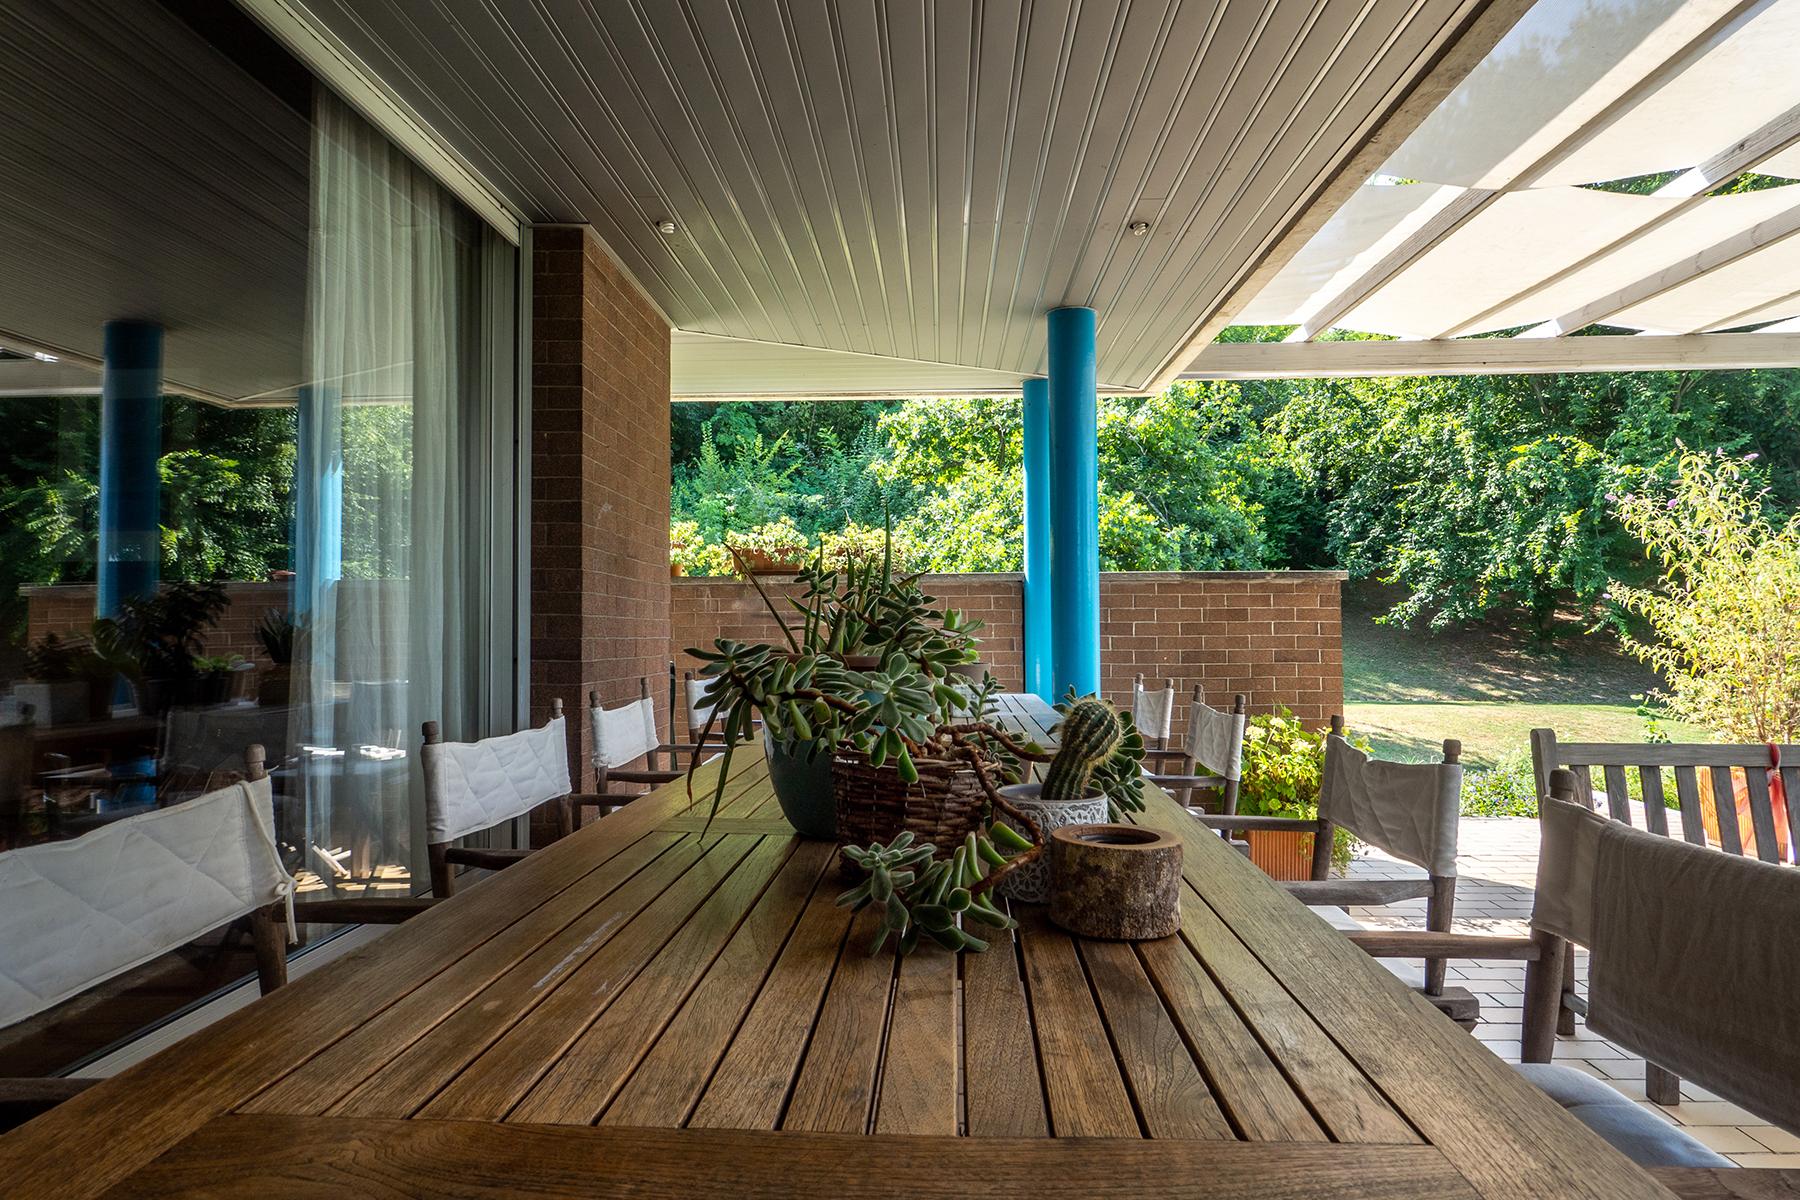 Casa indipendente in Vendita a Rosignano Monferrato: 5 locali, 290 mq - Foto 27